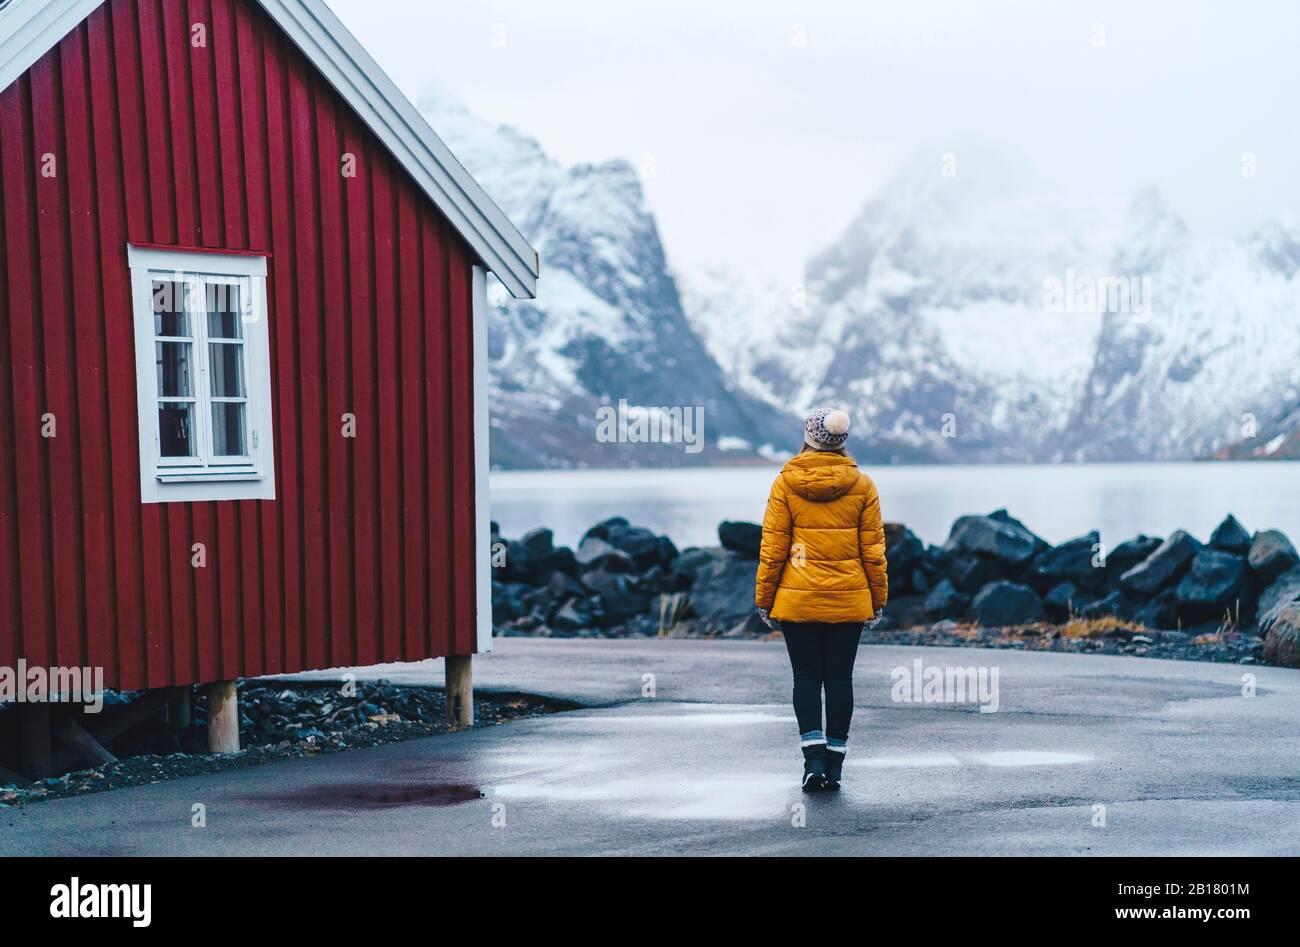 Turismo que explora el pueblo pesquero Hamnoy, Lofoten, Noruega Foto de stock